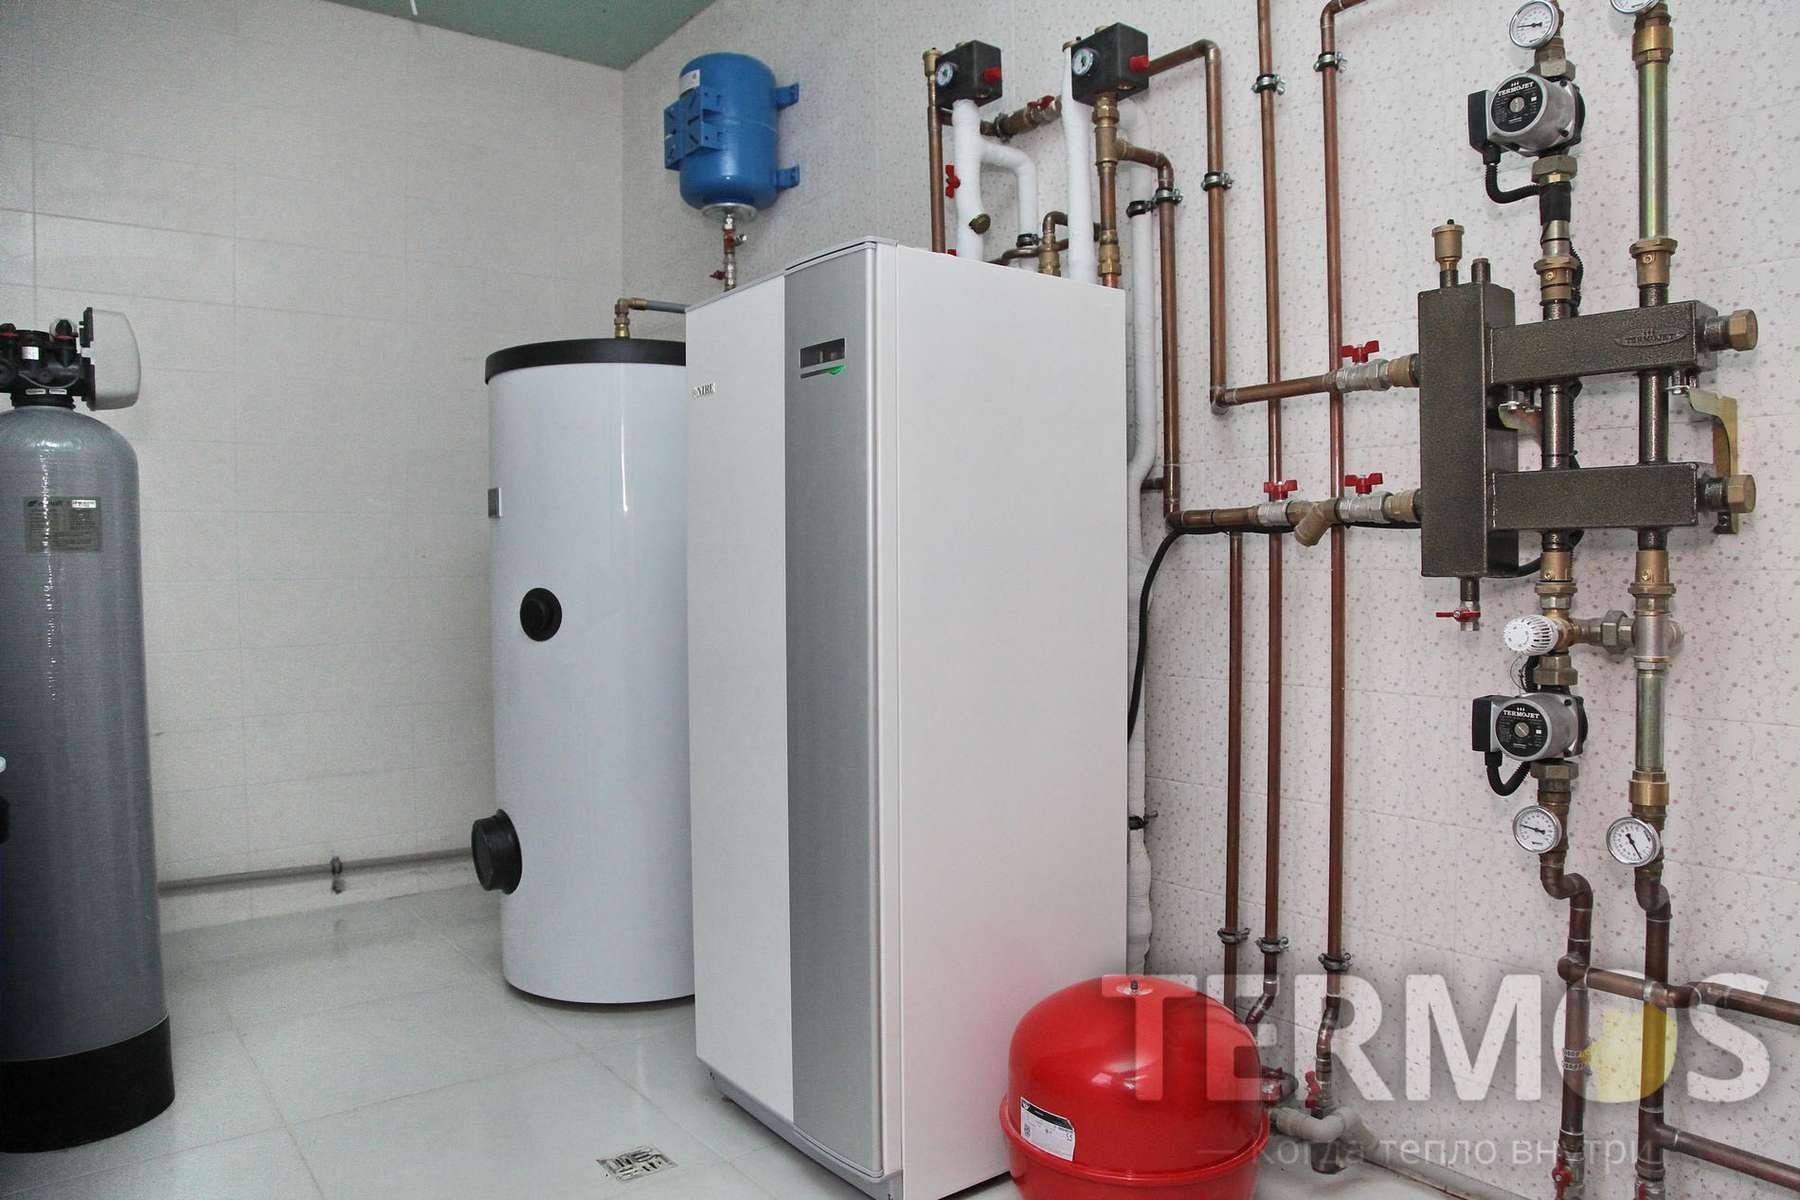 2016 год, с. Круглик. Дом 240 кв м. Система отопления на геотермальном тепловом насосе NIBE (Швеция) 12 кВт, с 4 геотермальными скважинами по 70 м